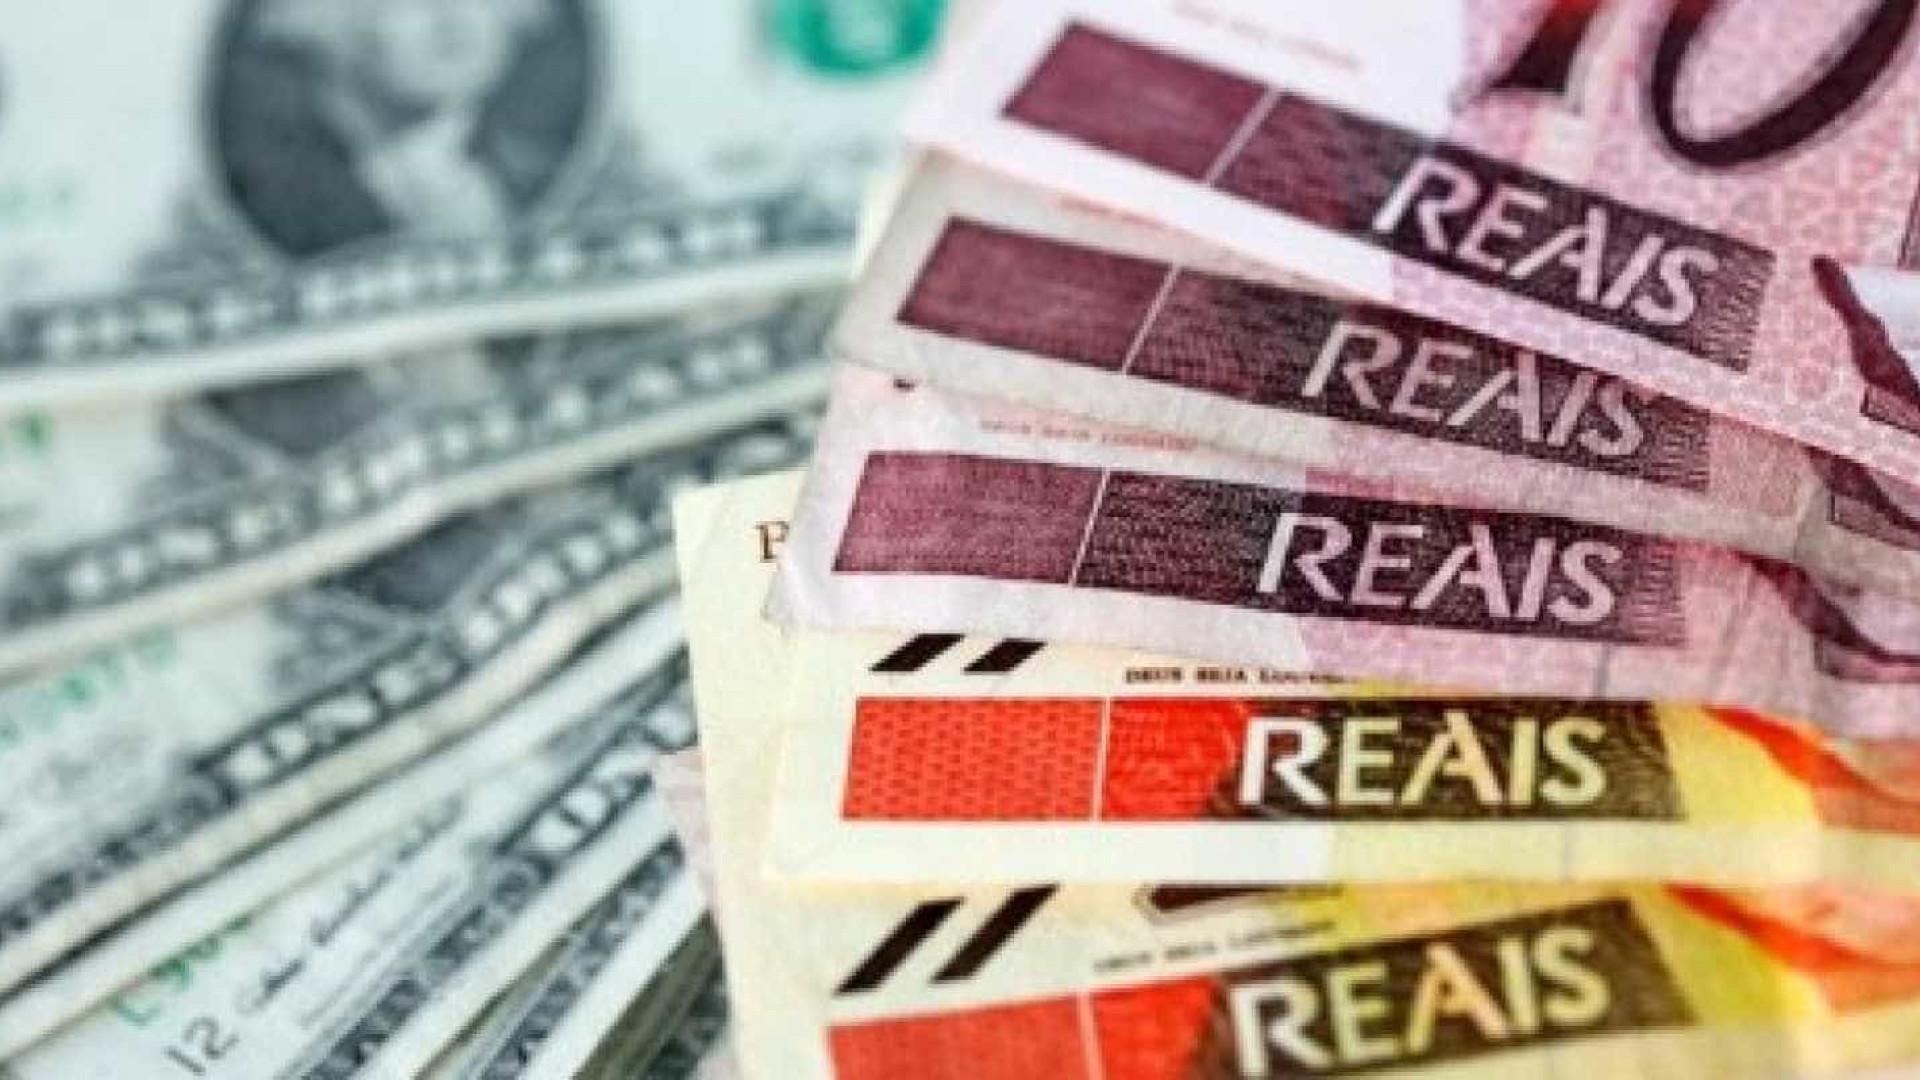 Abertura de impeachment pode afetar inflação, diz Fipe